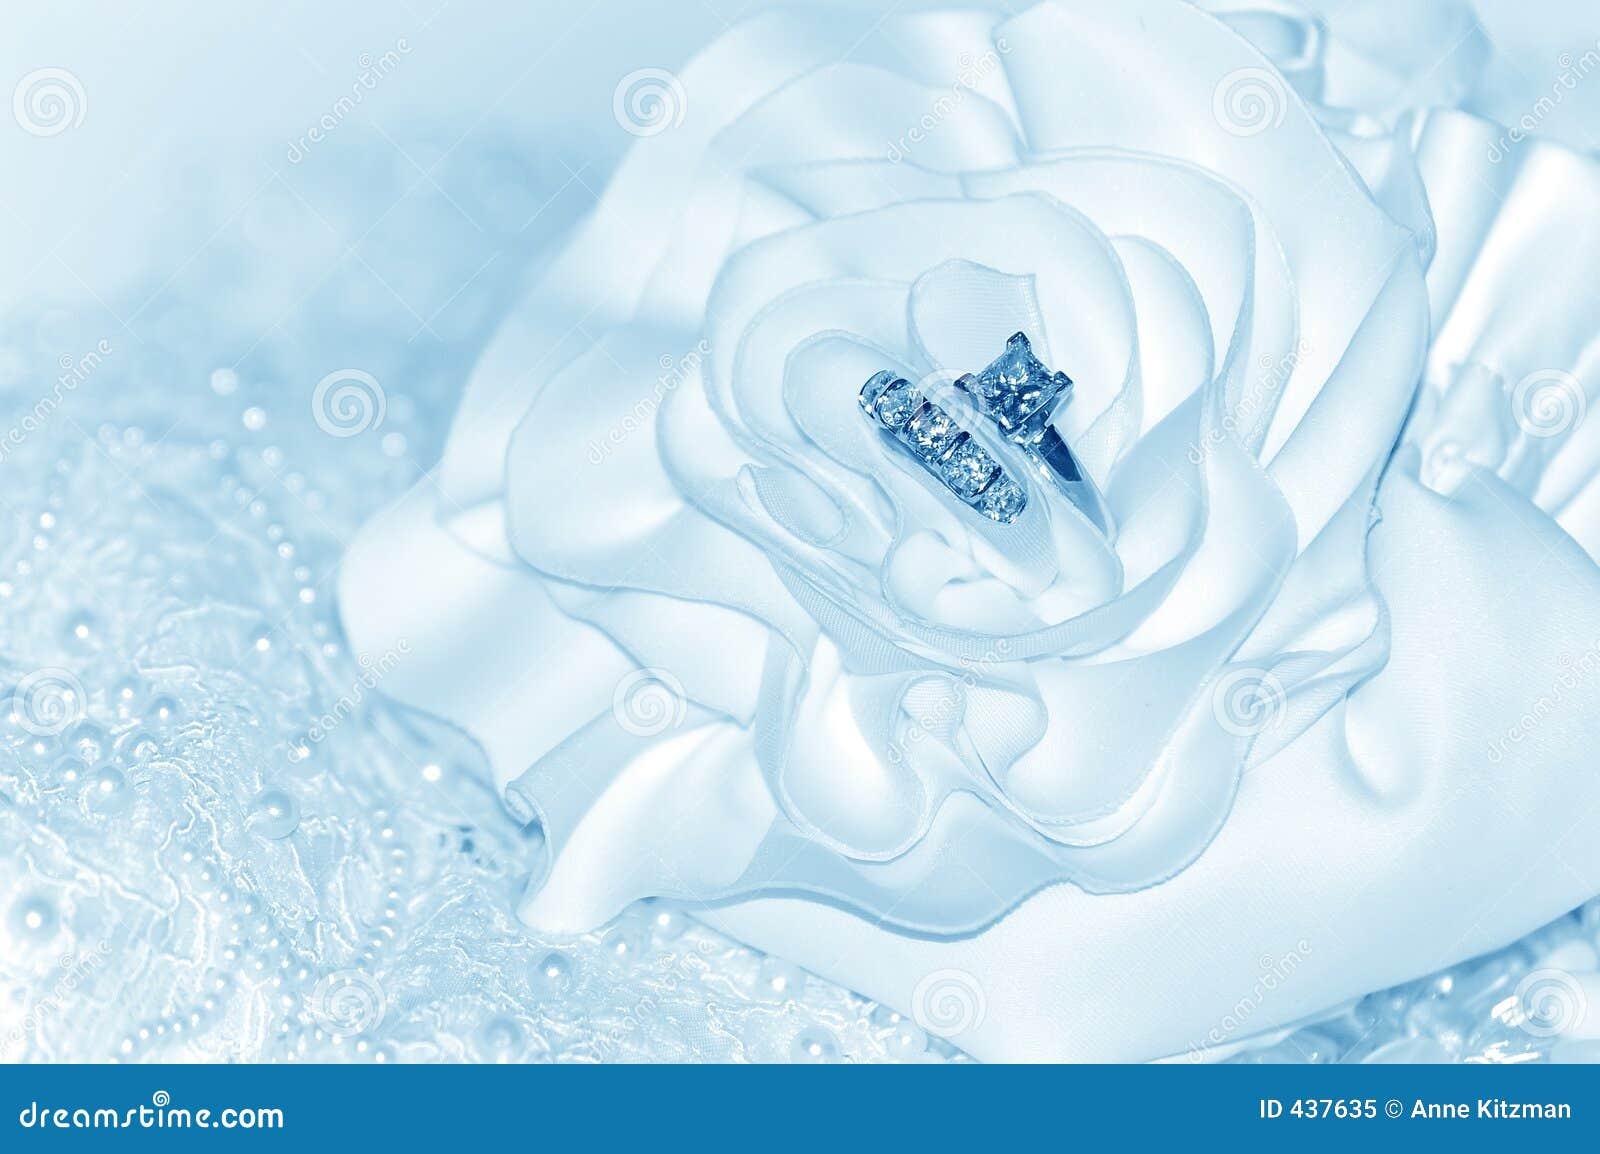 Wedding Background Royalty Free Stock Photo Image 437635